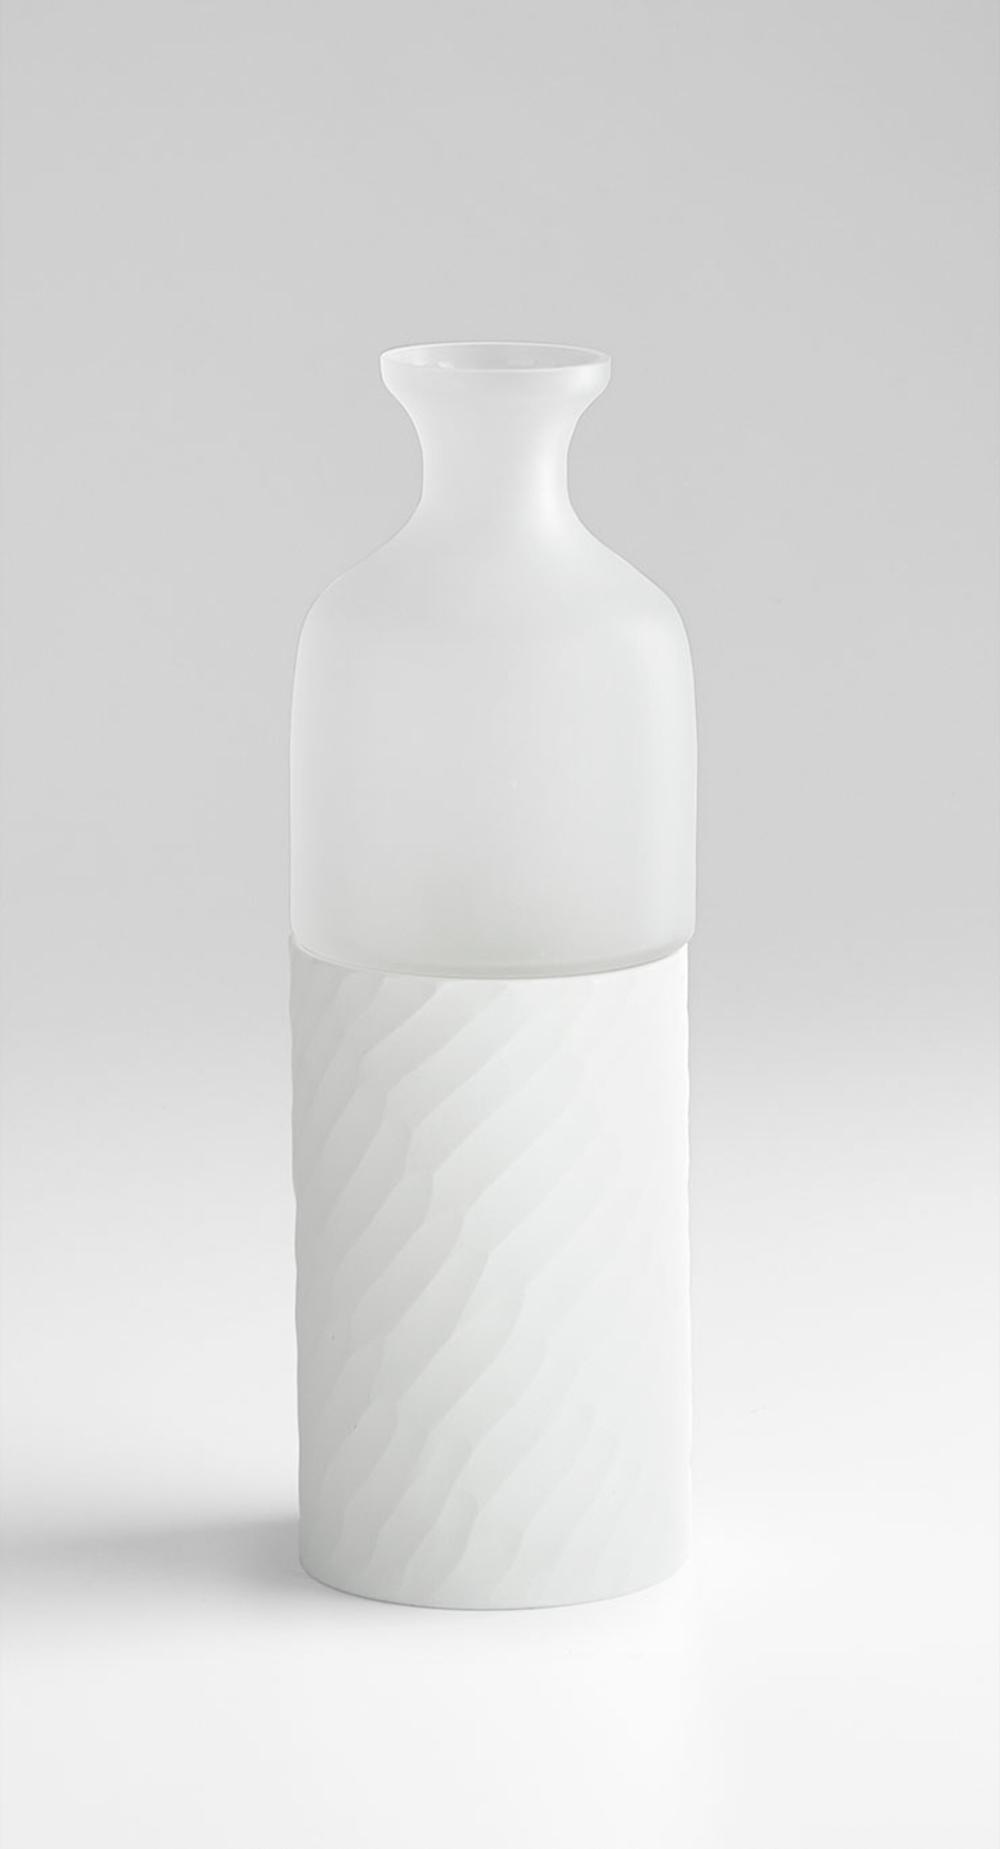 Cyan Designs - Sereno Vase